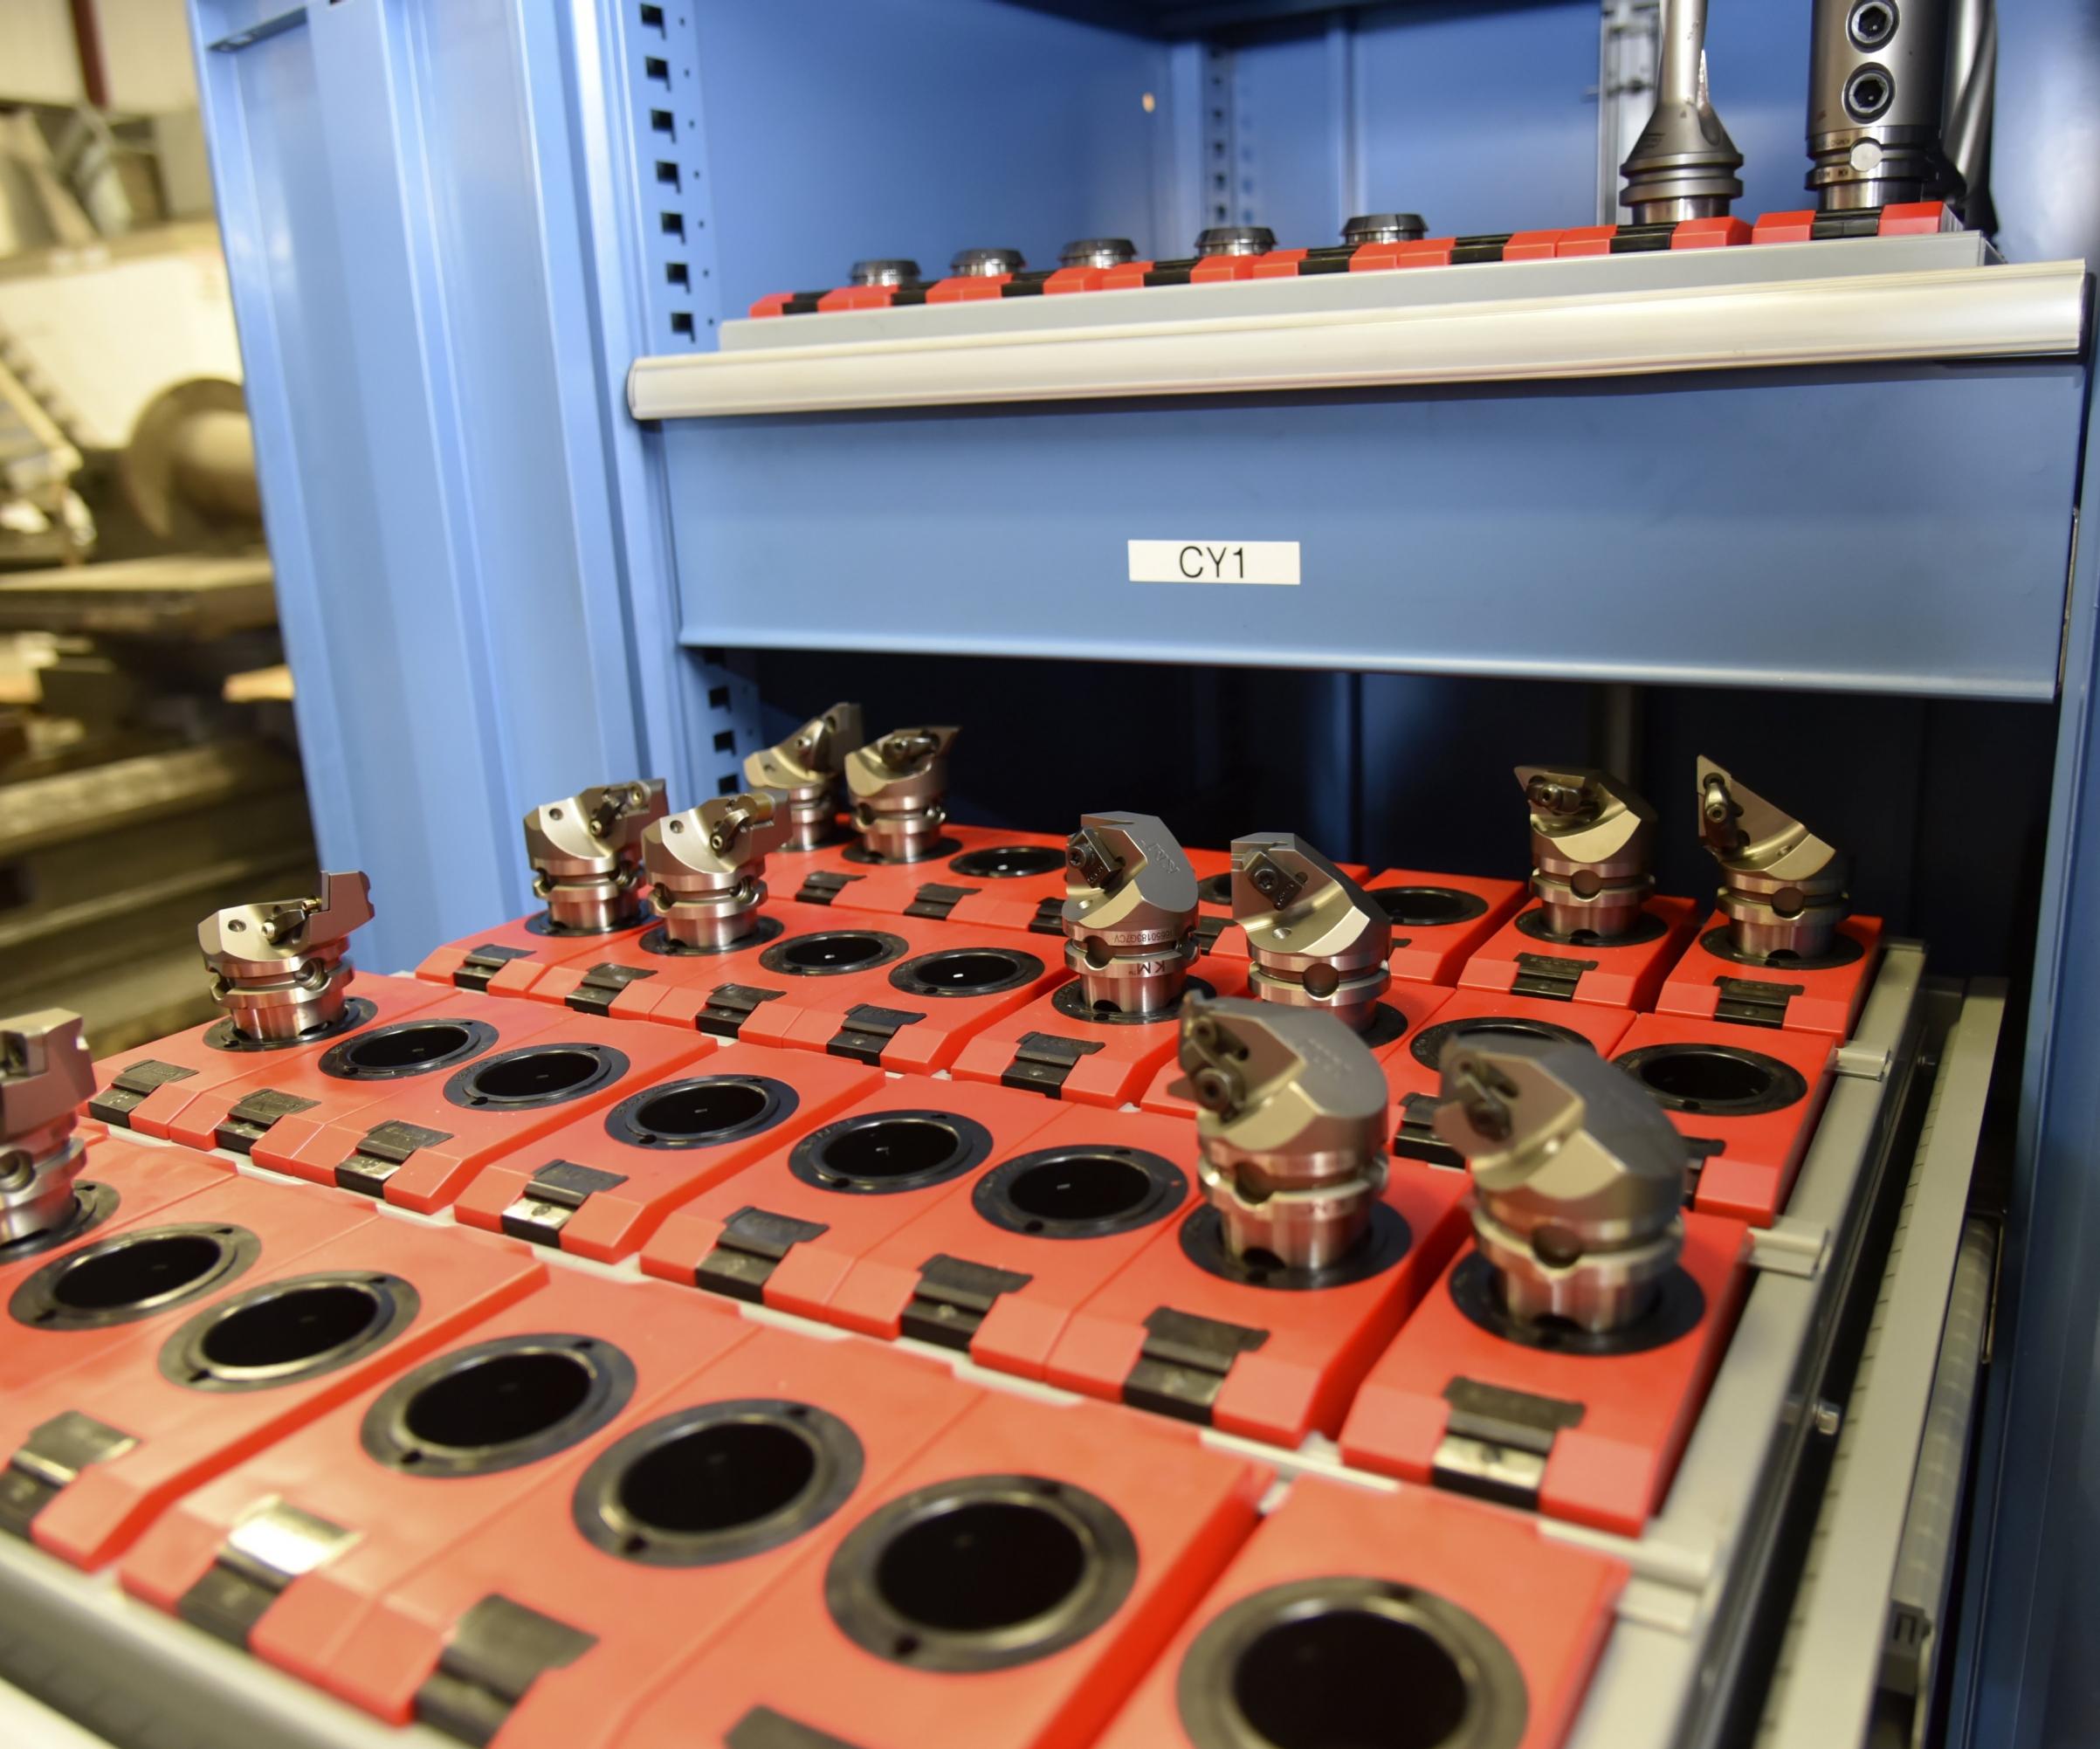 Anthony Machine ha estado utilizando el portaherramientas de cambio rápido KM de Kennametal en todo el taller durante años.